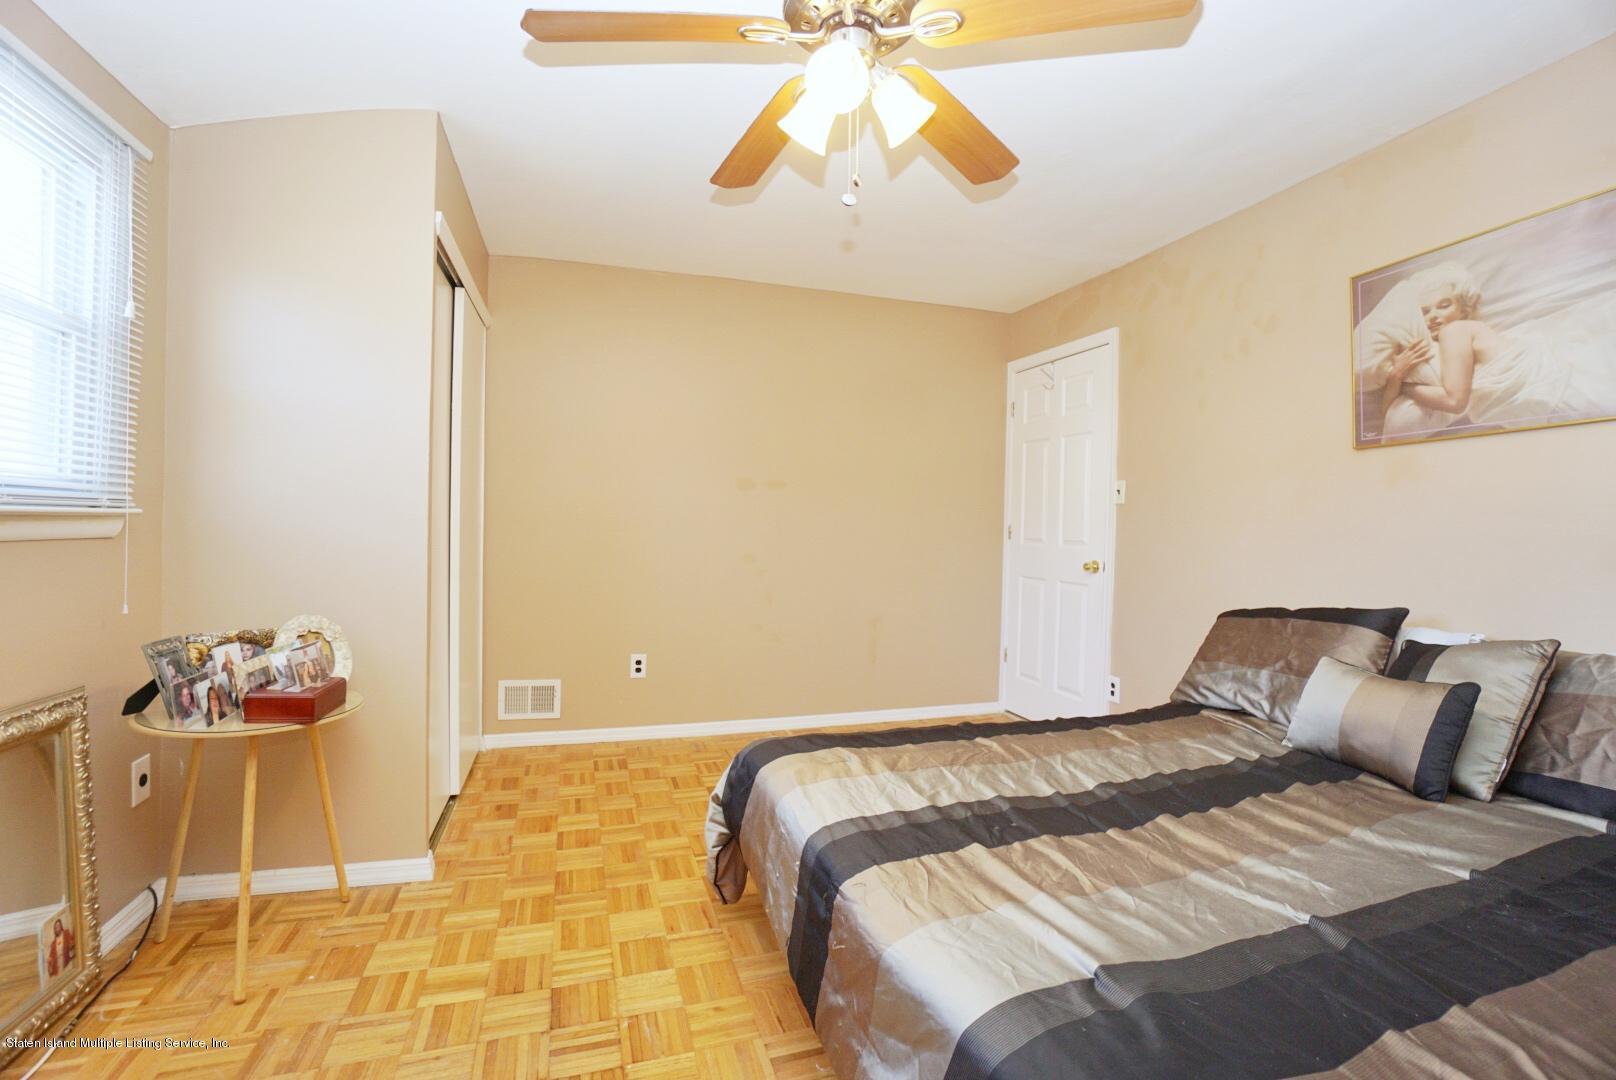 Single Family - Semi-Attached 604 Drumgoole Road  Staten Island, NY 10312, MLS-1141487-34